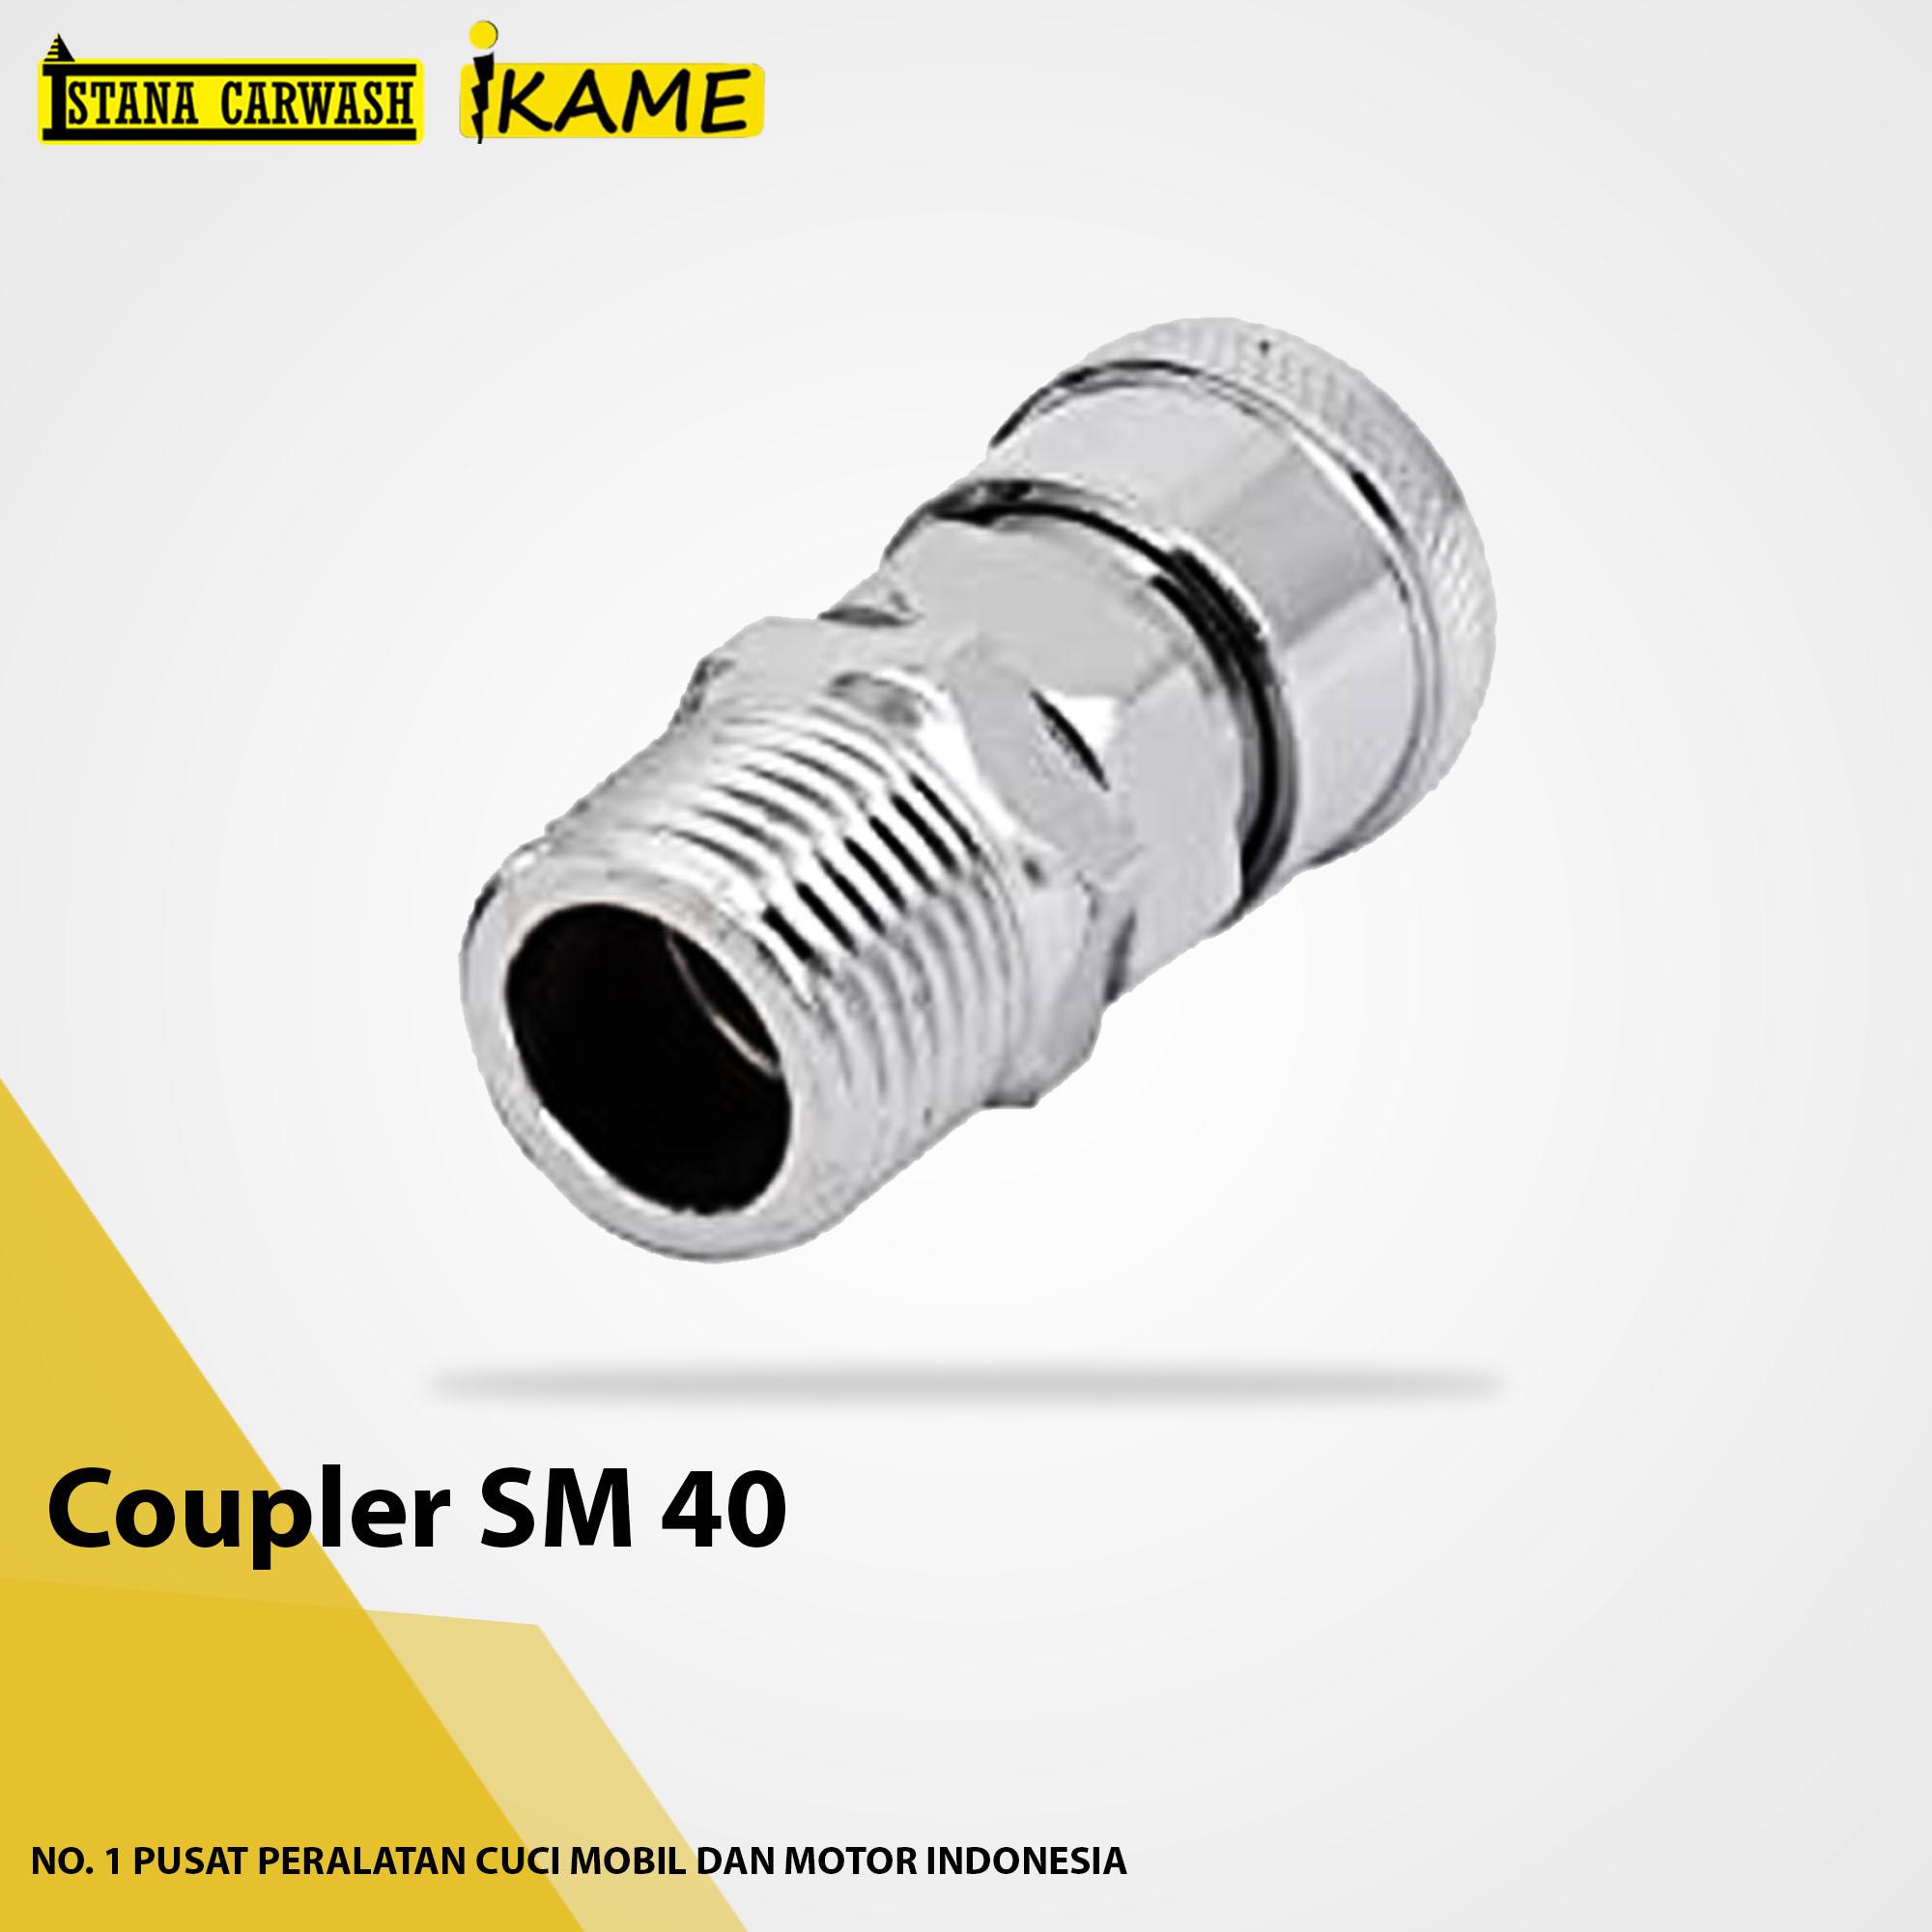 Coupler SM 40